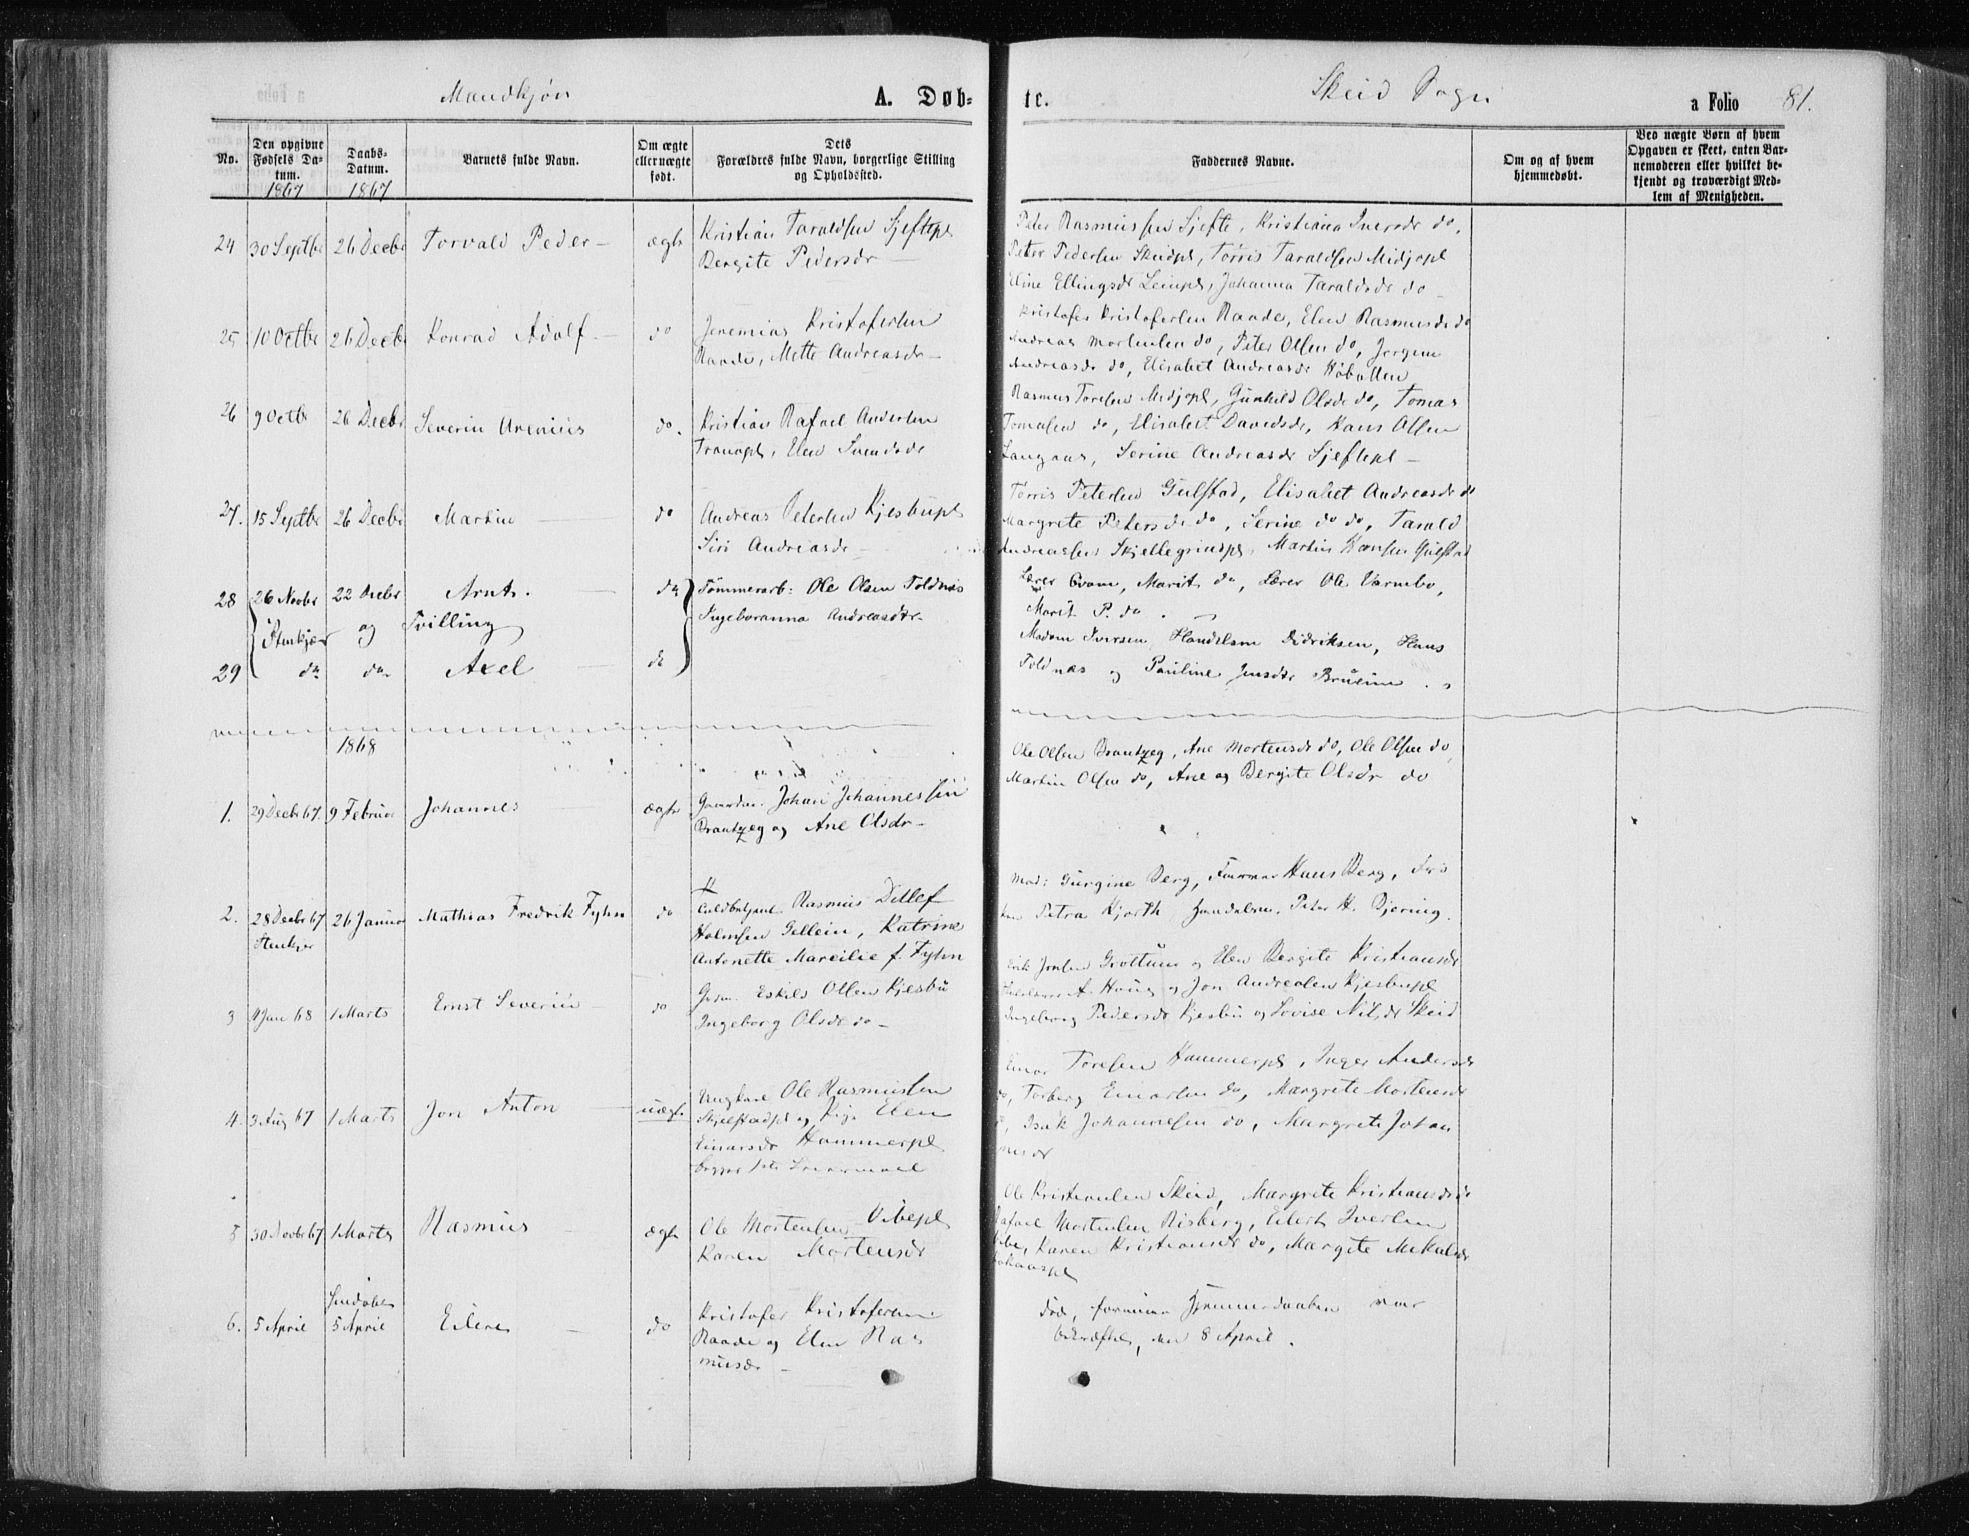 SAT, Ministerialprotokoller, klokkerbøker og fødselsregistre - Nord-Trøndelag, 735/L0345: Ministerialbok nr. 735A08 /2, 1863-1872, s. 81